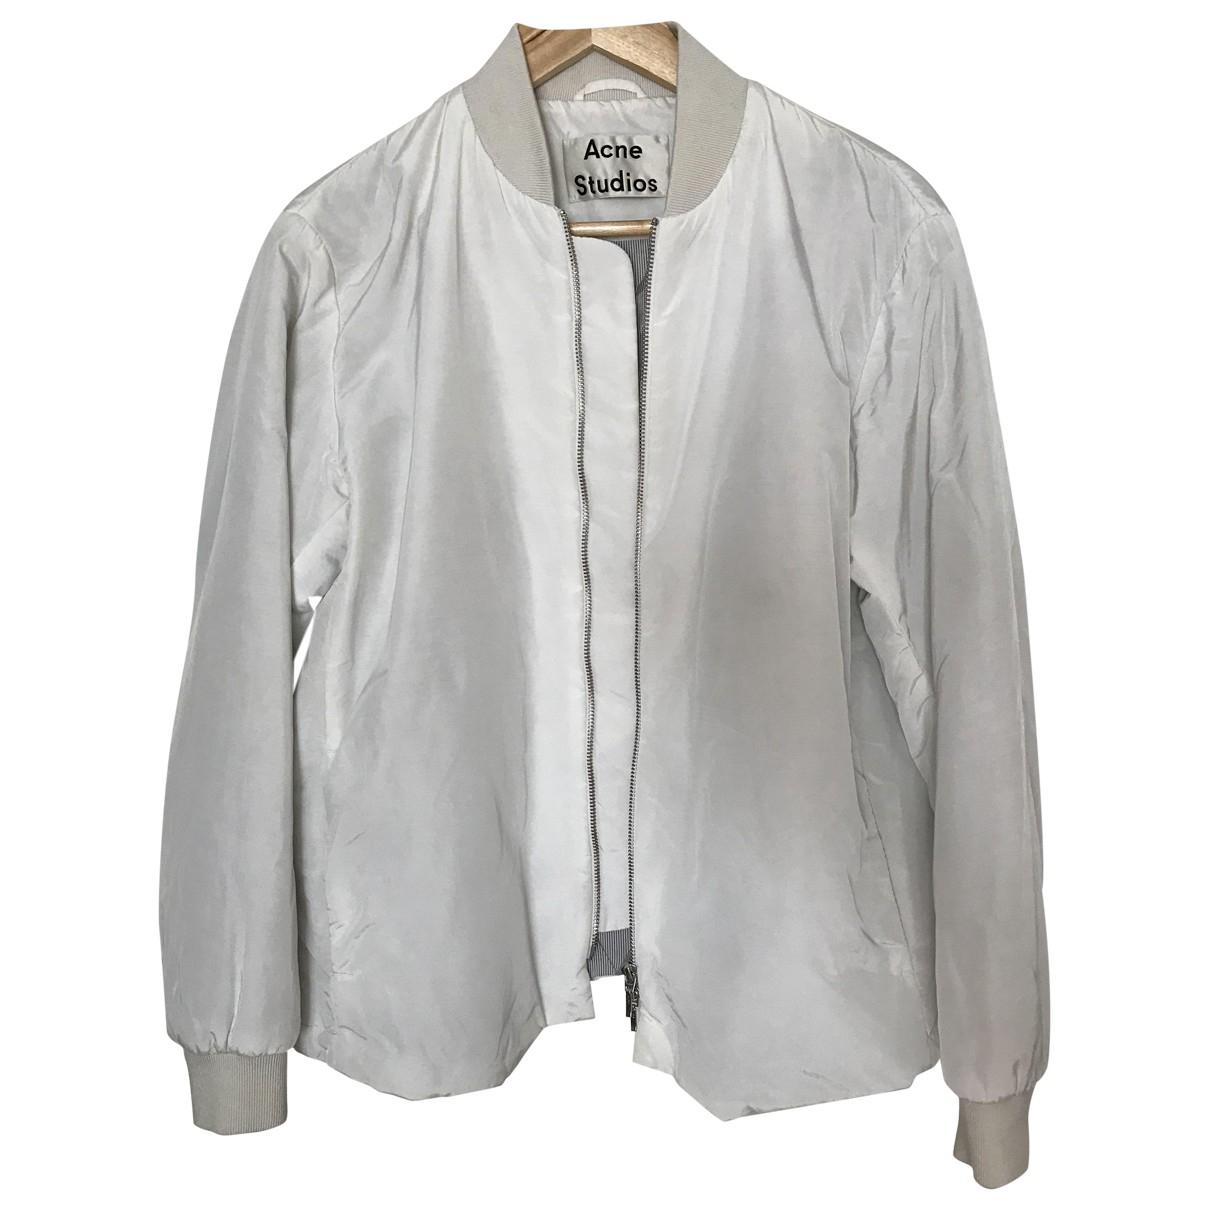 Acne Studios \N White jacket for Women 36 FR